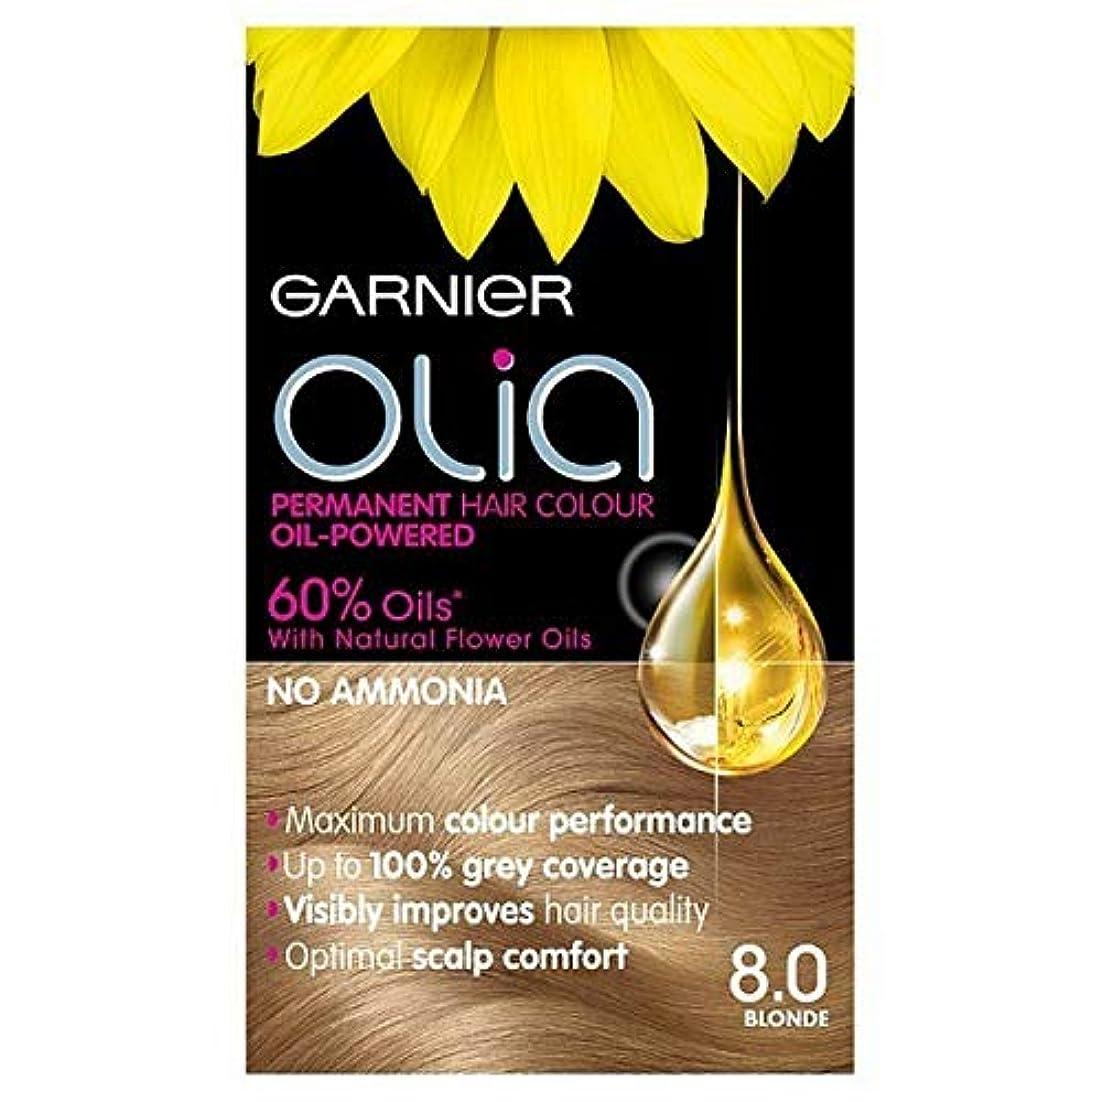 アカウントパラシュート反対[Garnier ] 8.0ブロンドガルニエOliaパーマネントヘアダイ - Garnier Olia Permanent Hair Dye Blonde 8.0 [並行輸入品]